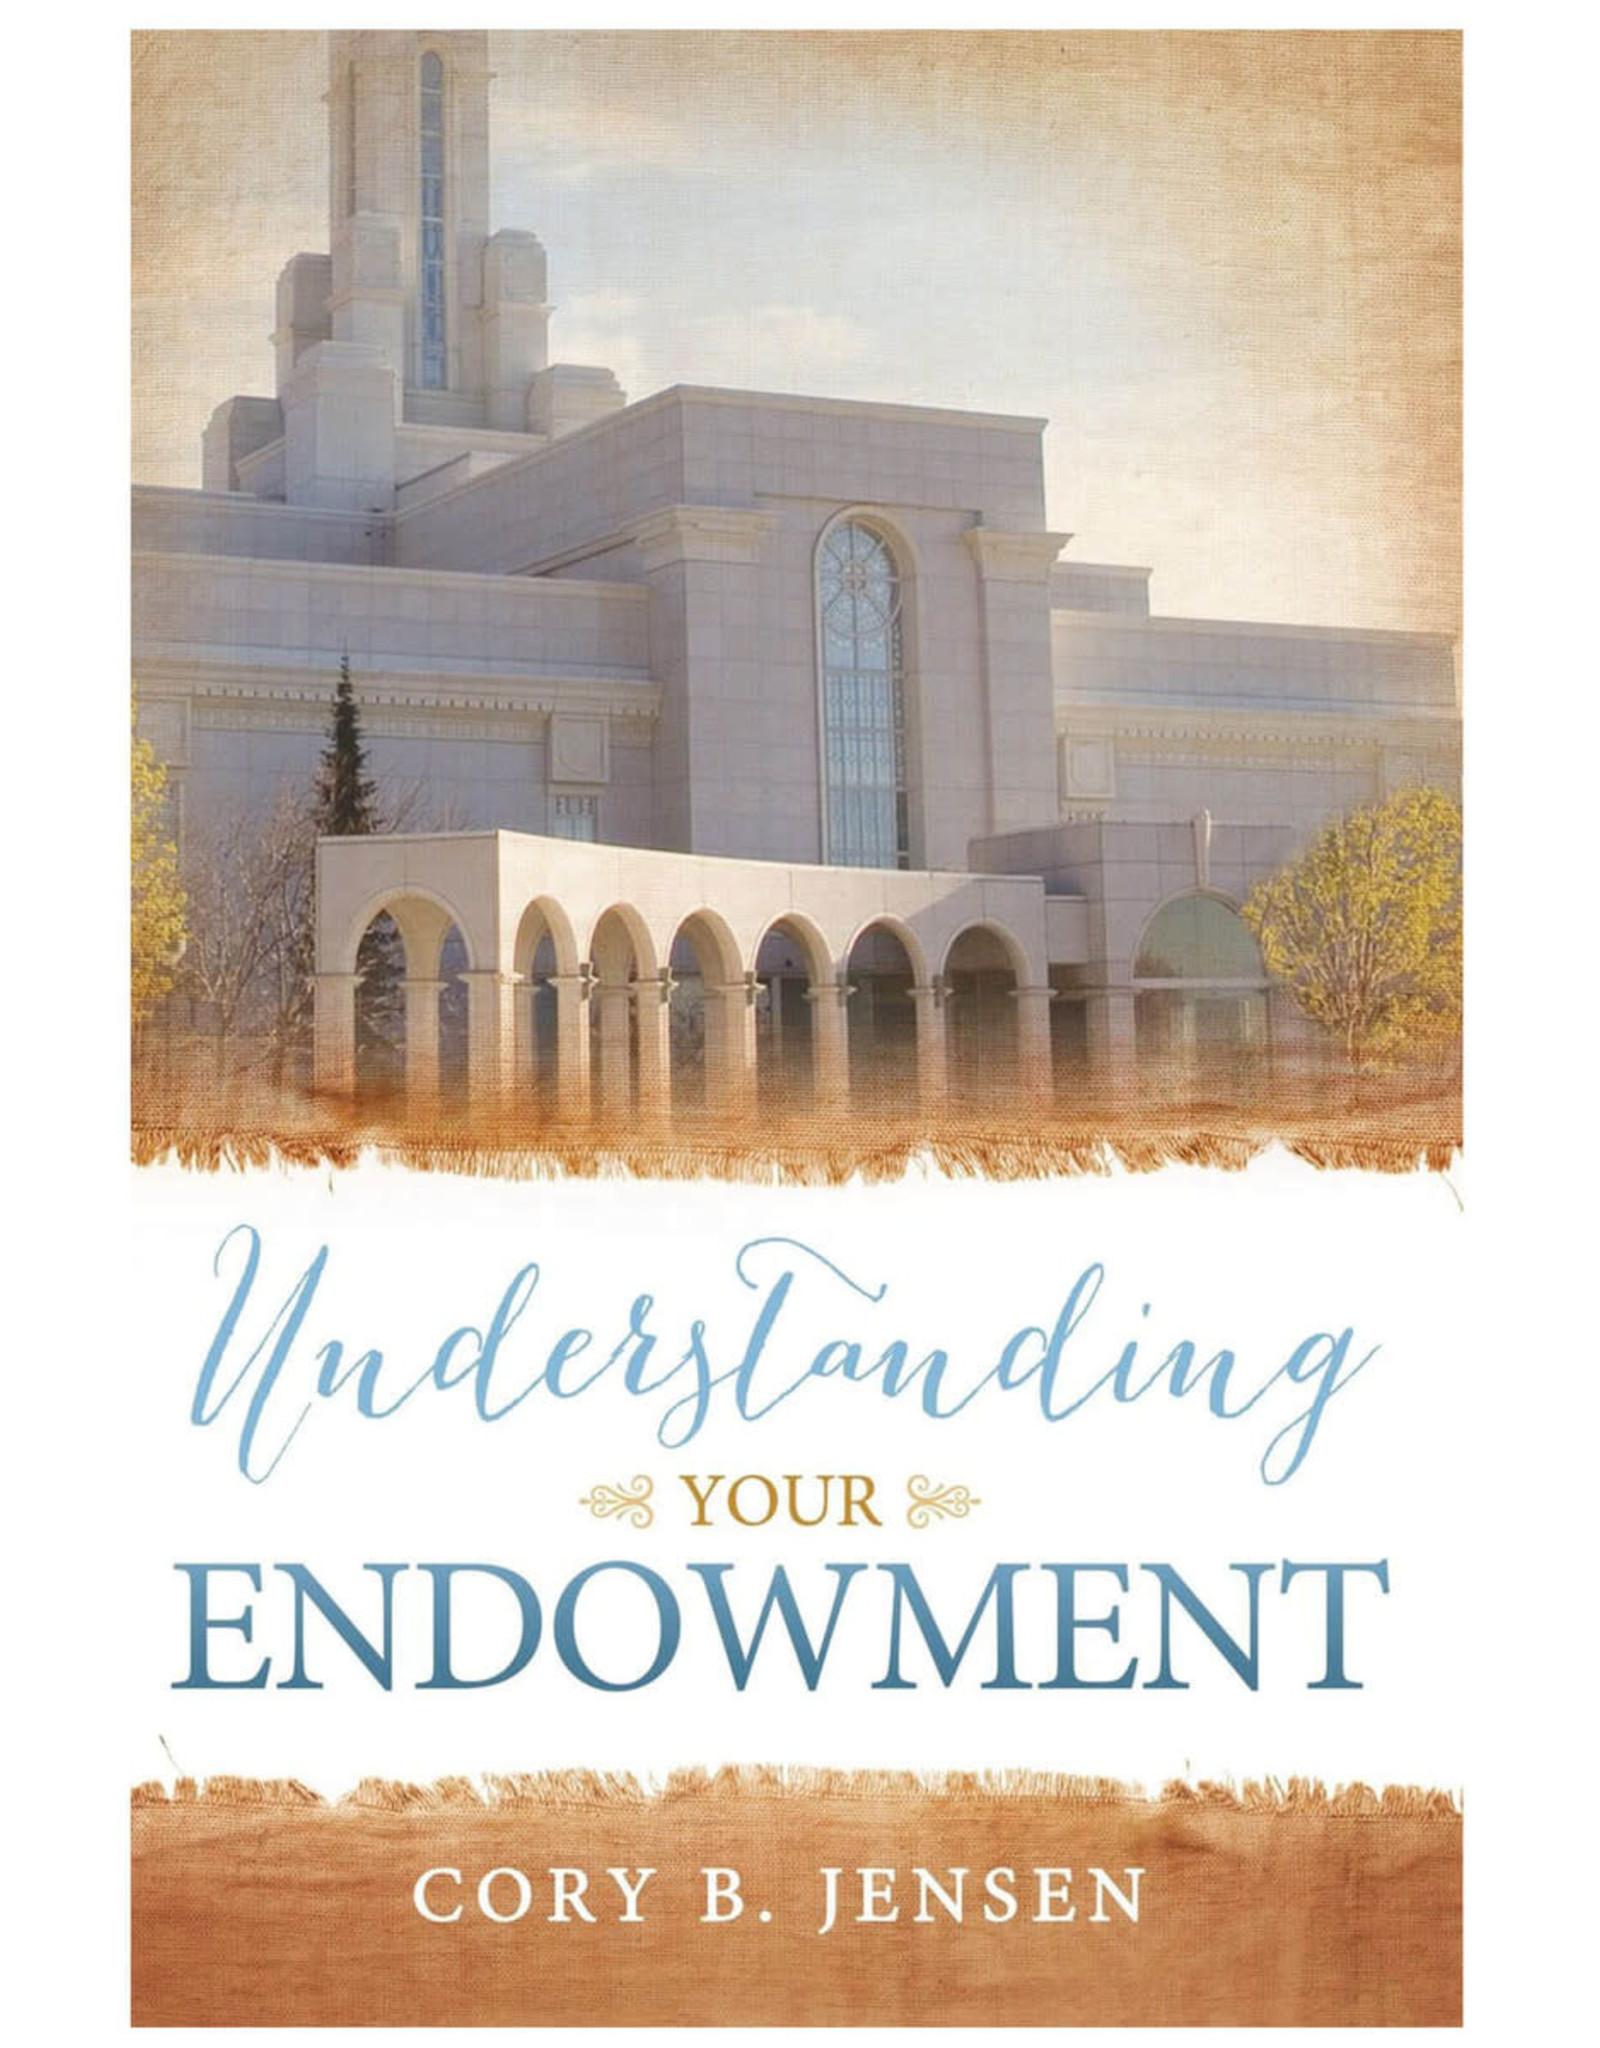 UNDERSTANDING YOUR ENDOWMENT BOOK